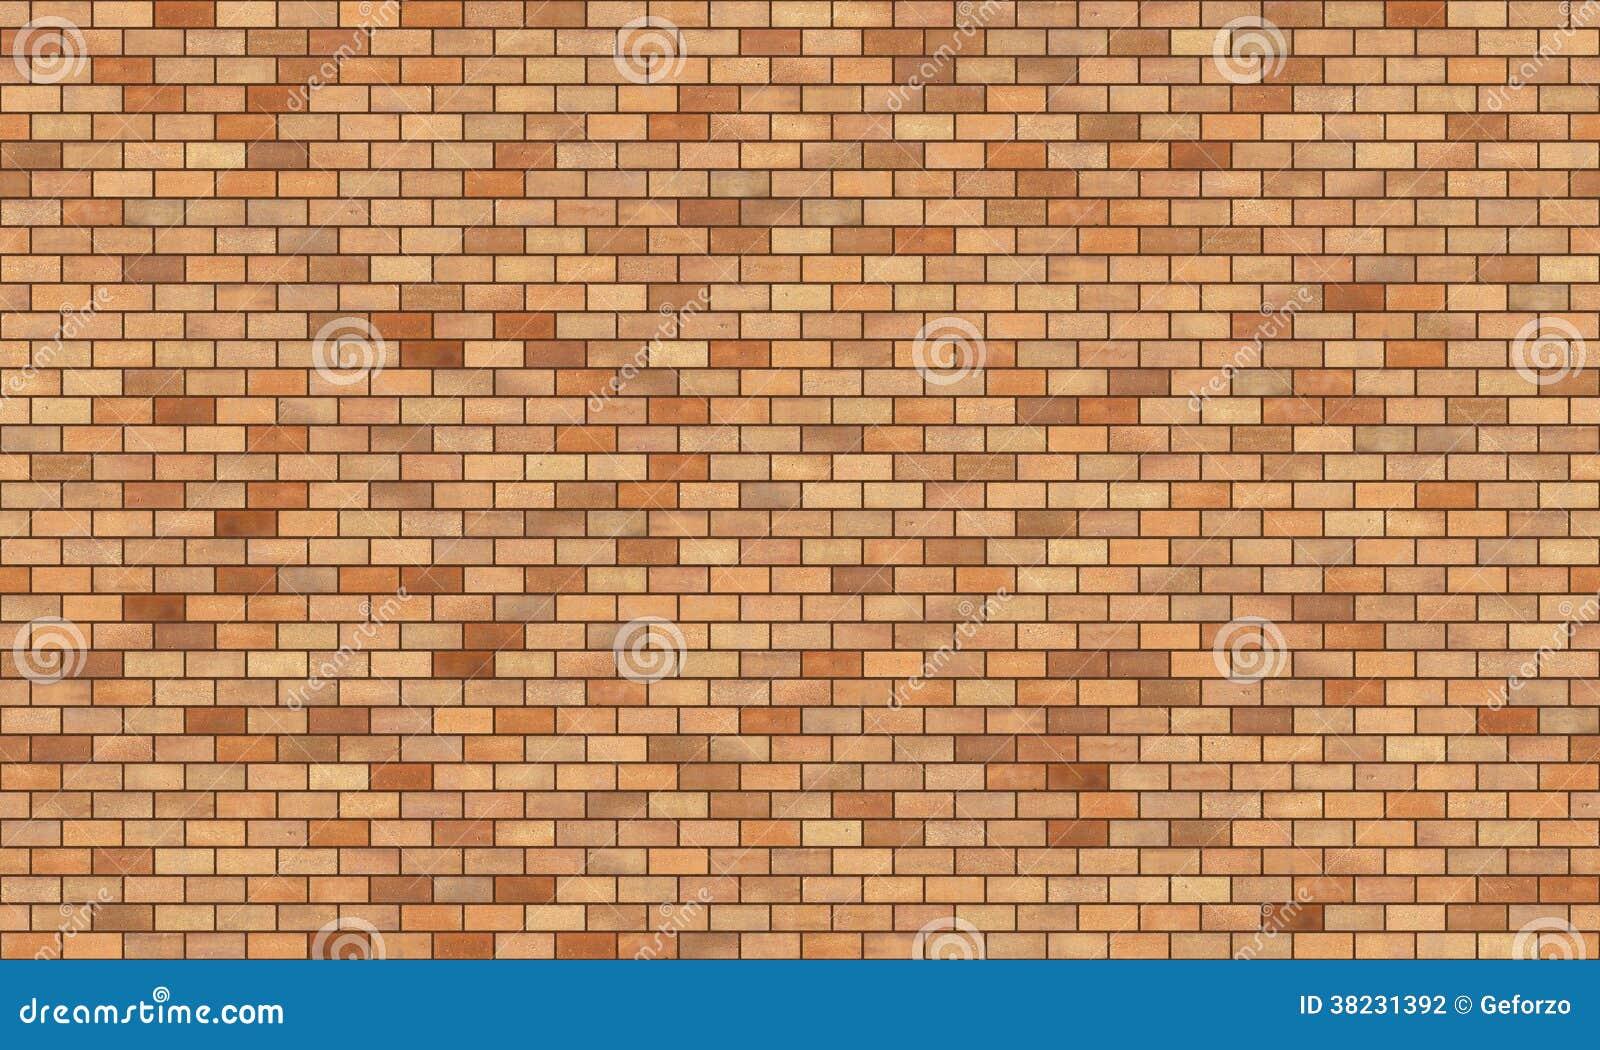 Brick wall high resolution seamless texture